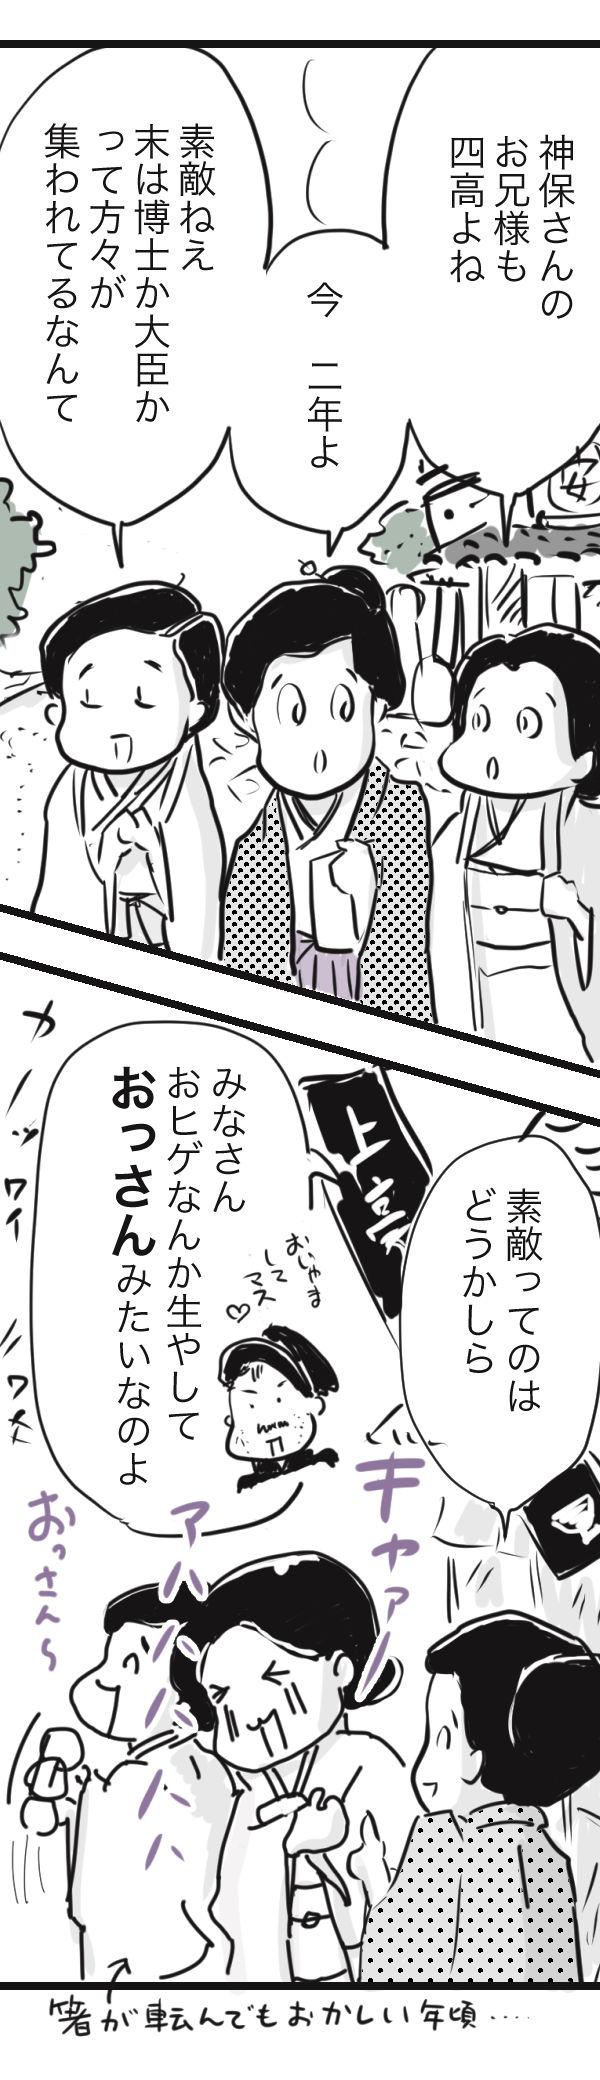 山田金沢6−1−2